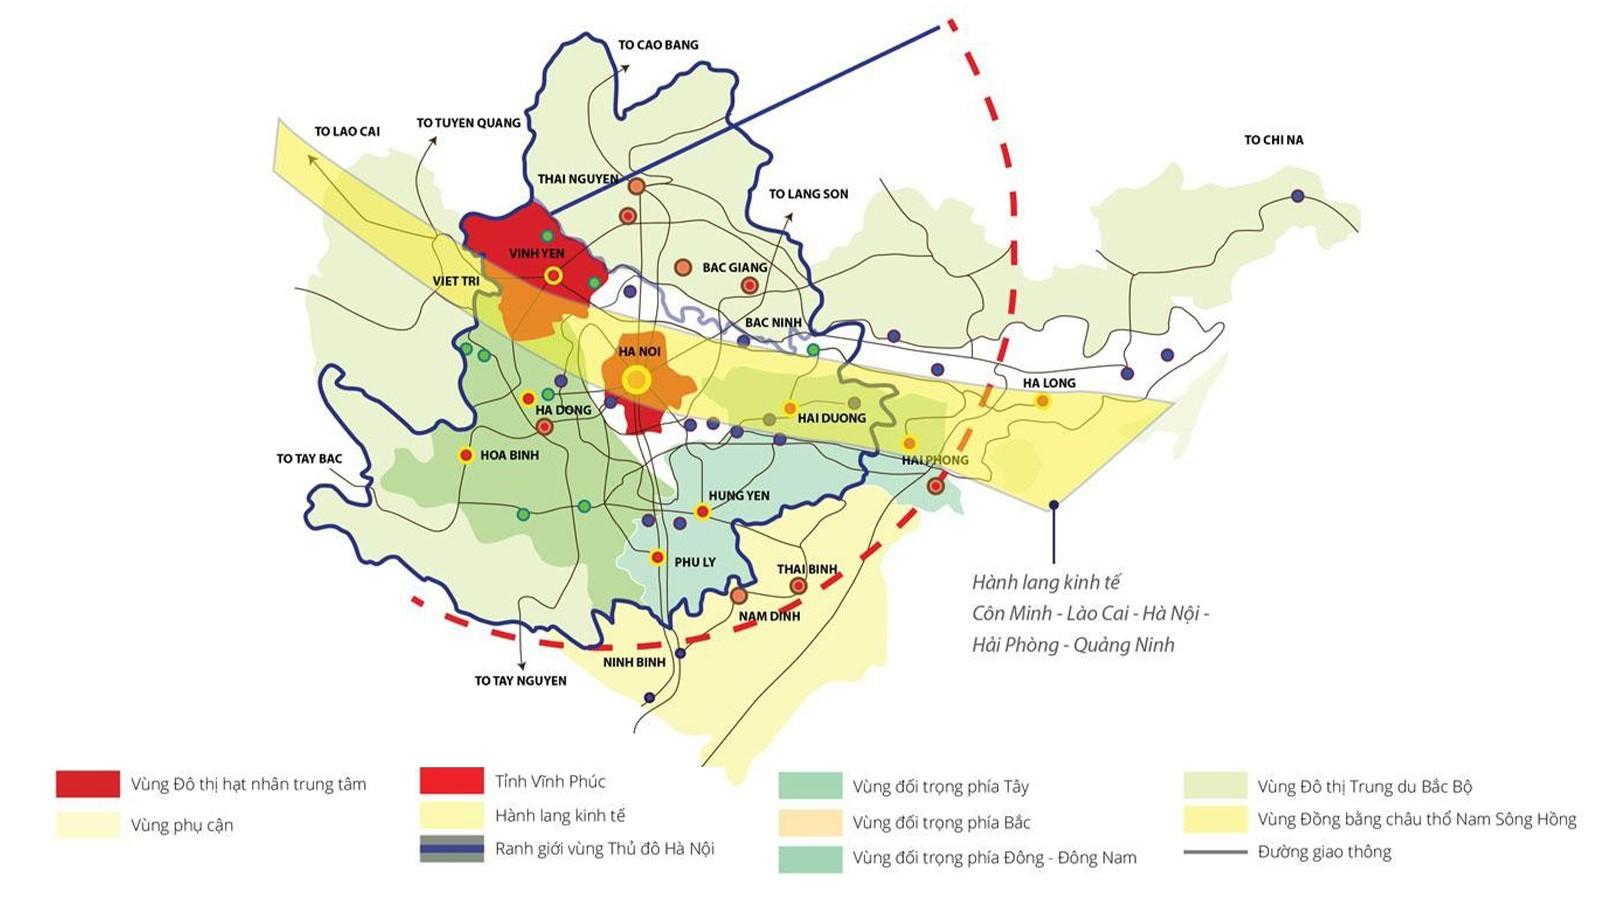 Bản đồ kết nối vùng của tỉnh Vĩnh Phúc.